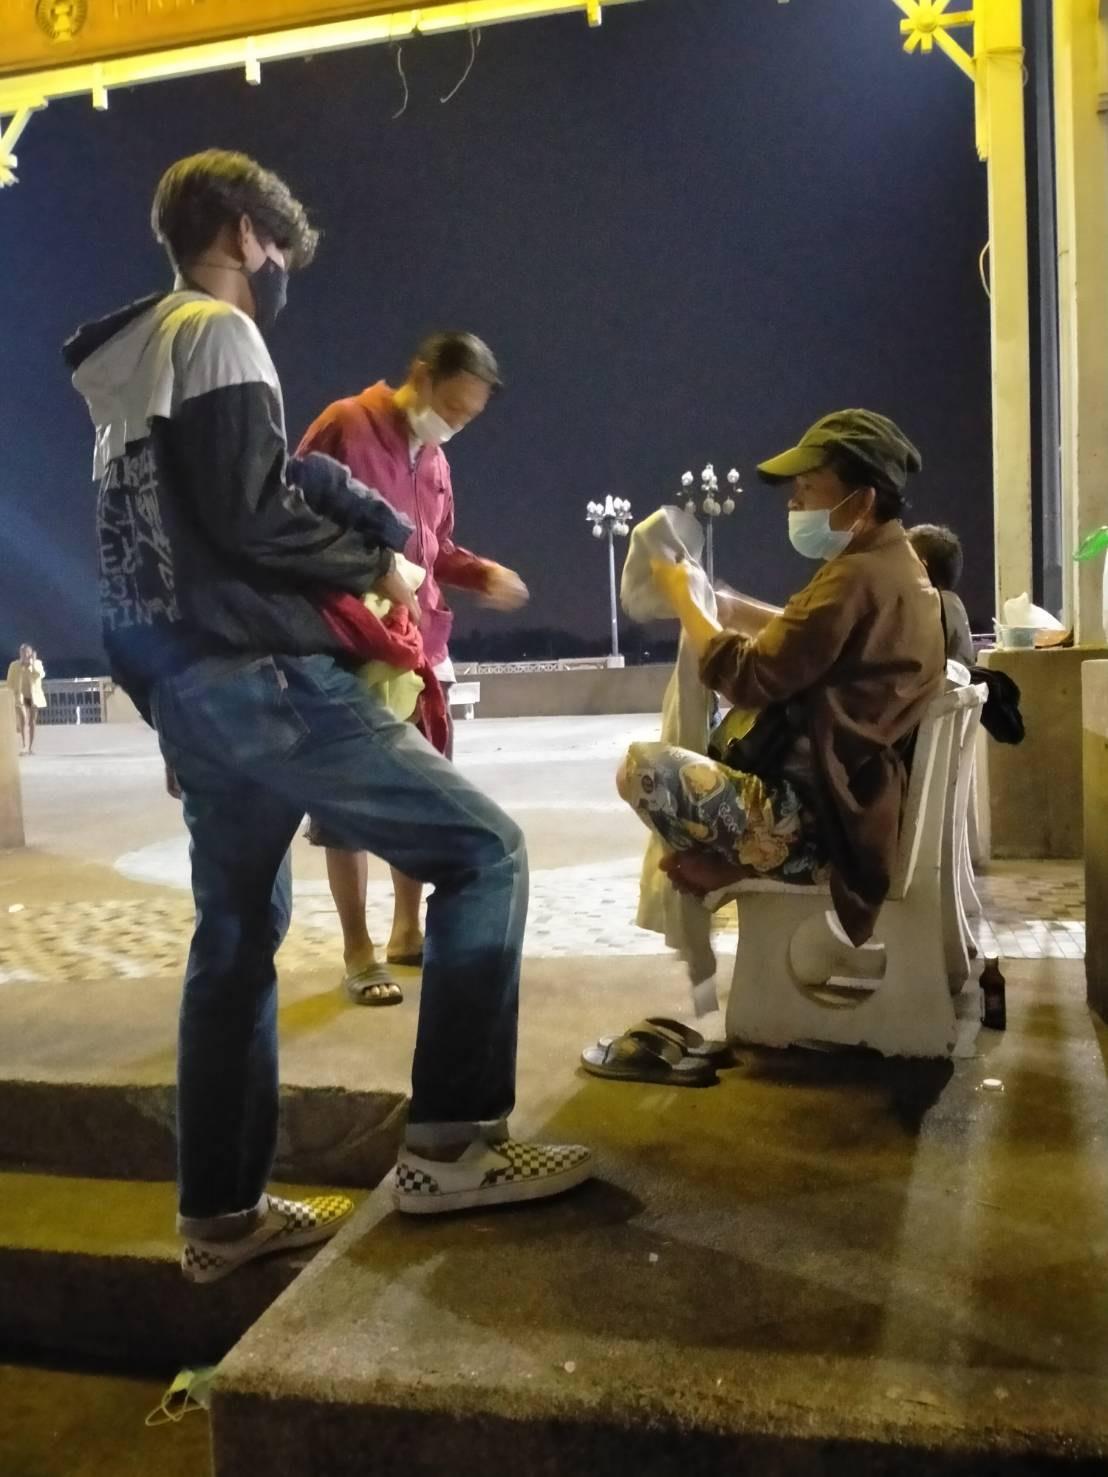 สสส.ช่วยเหลือคนไร้บ้าน พร้อมให้ความรู้ป้องกันโควิด thaihealth